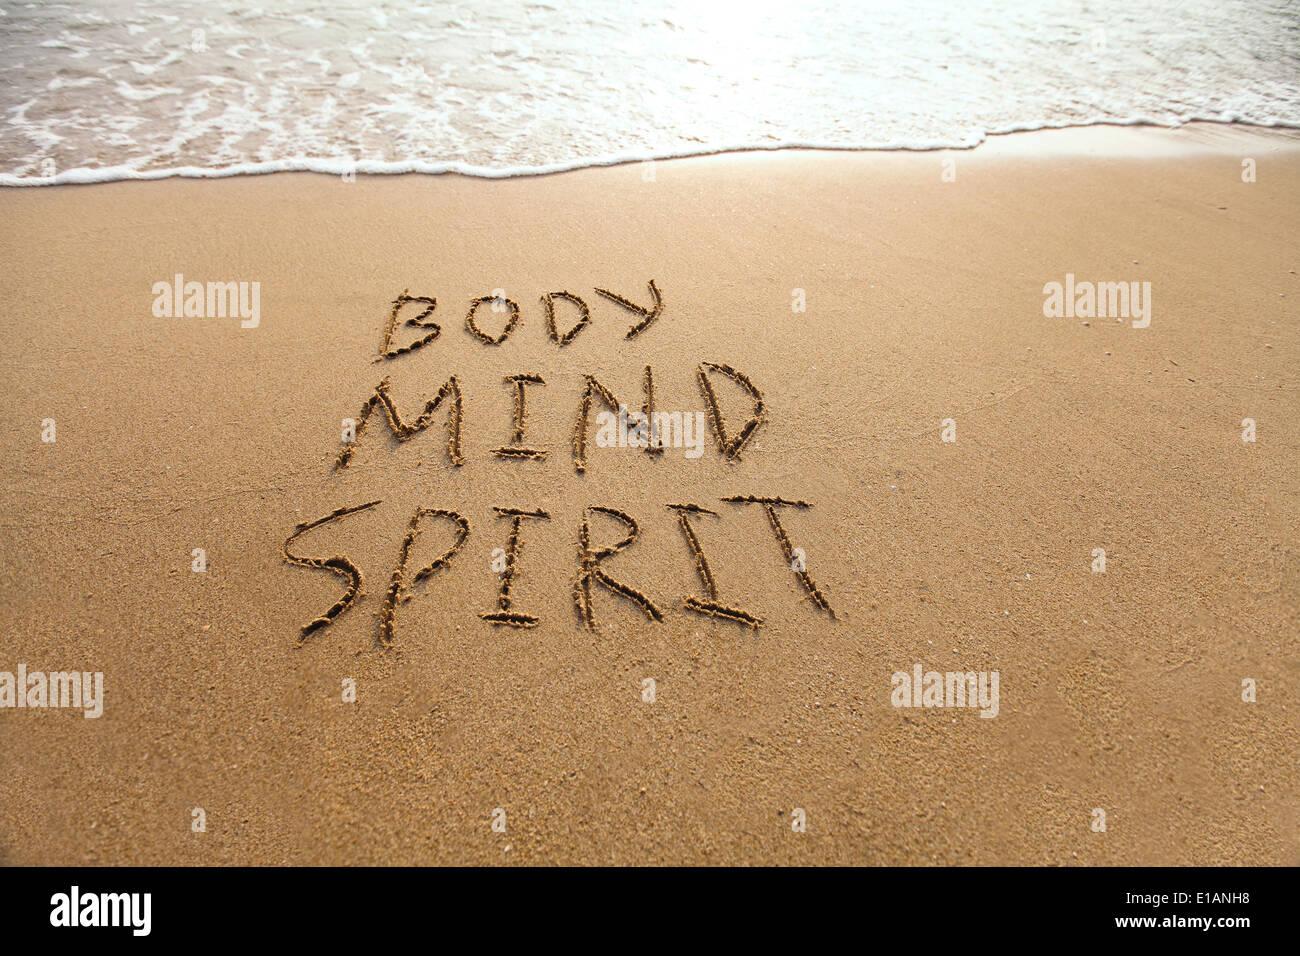 Körper, Geist und Seele Stockbild